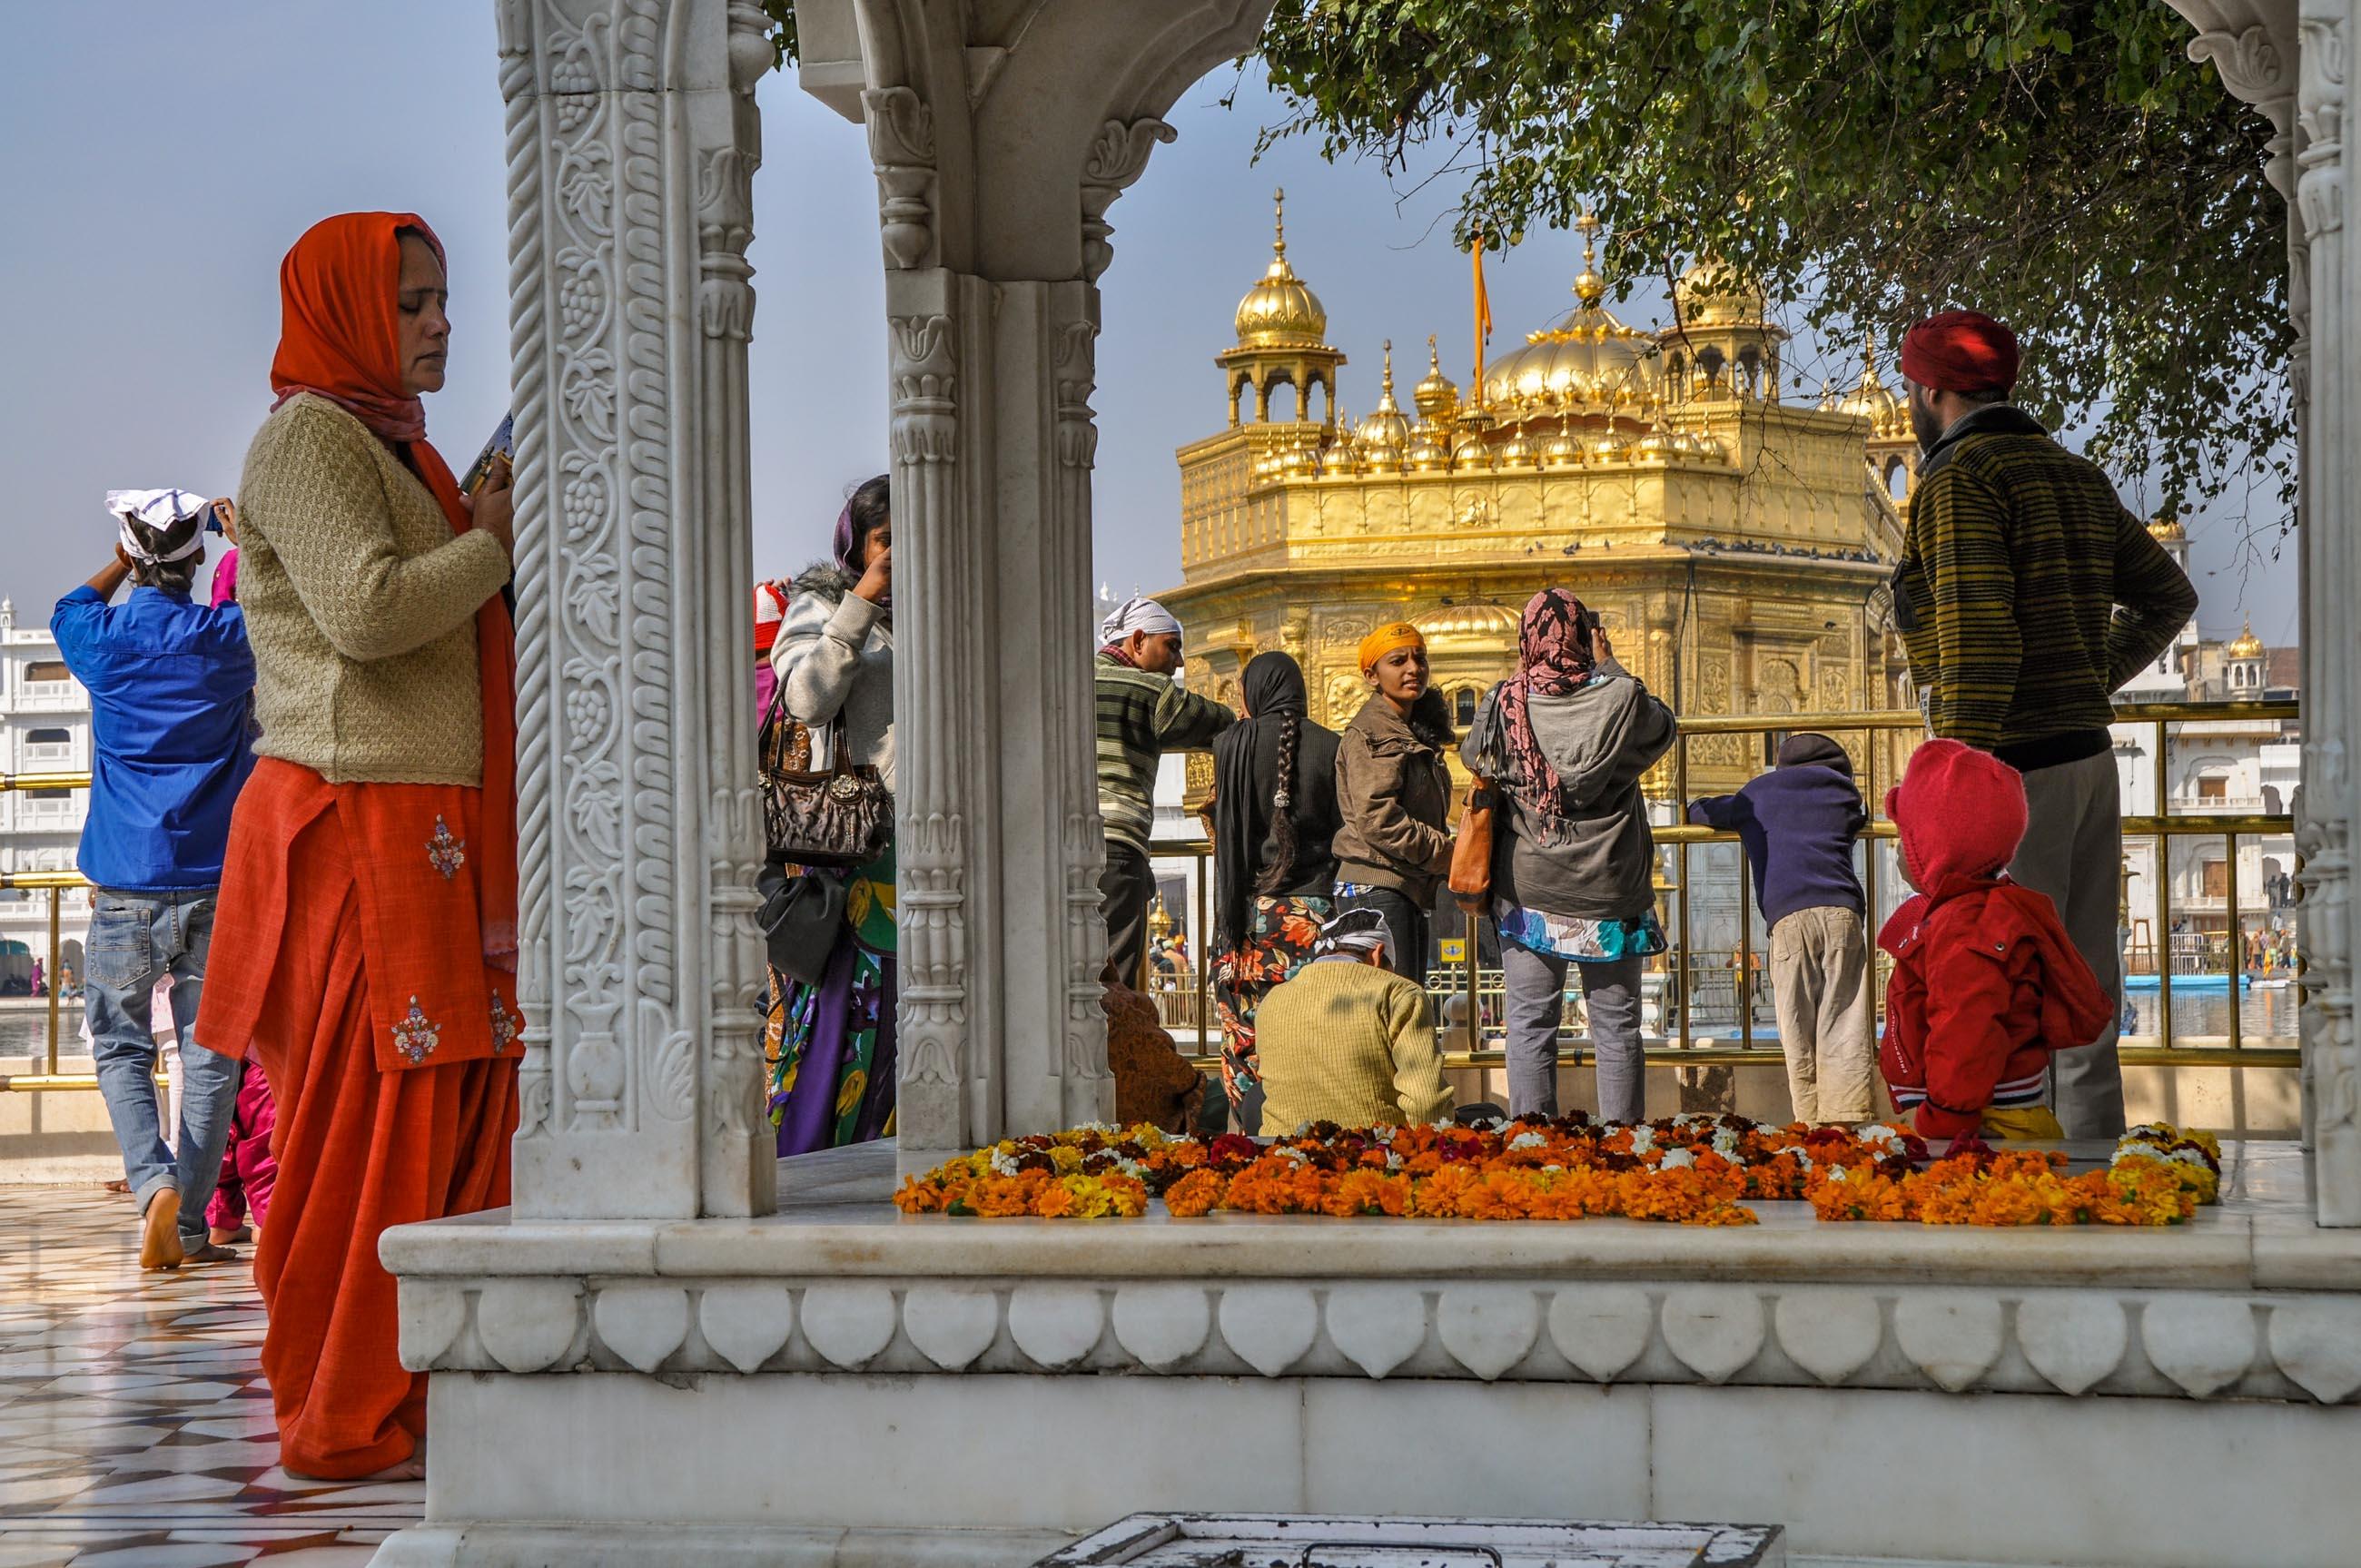 https://bubo.sk/uploads/galleries/4920/tomas_kubus_india_amritsar_dsc_0194.jpg